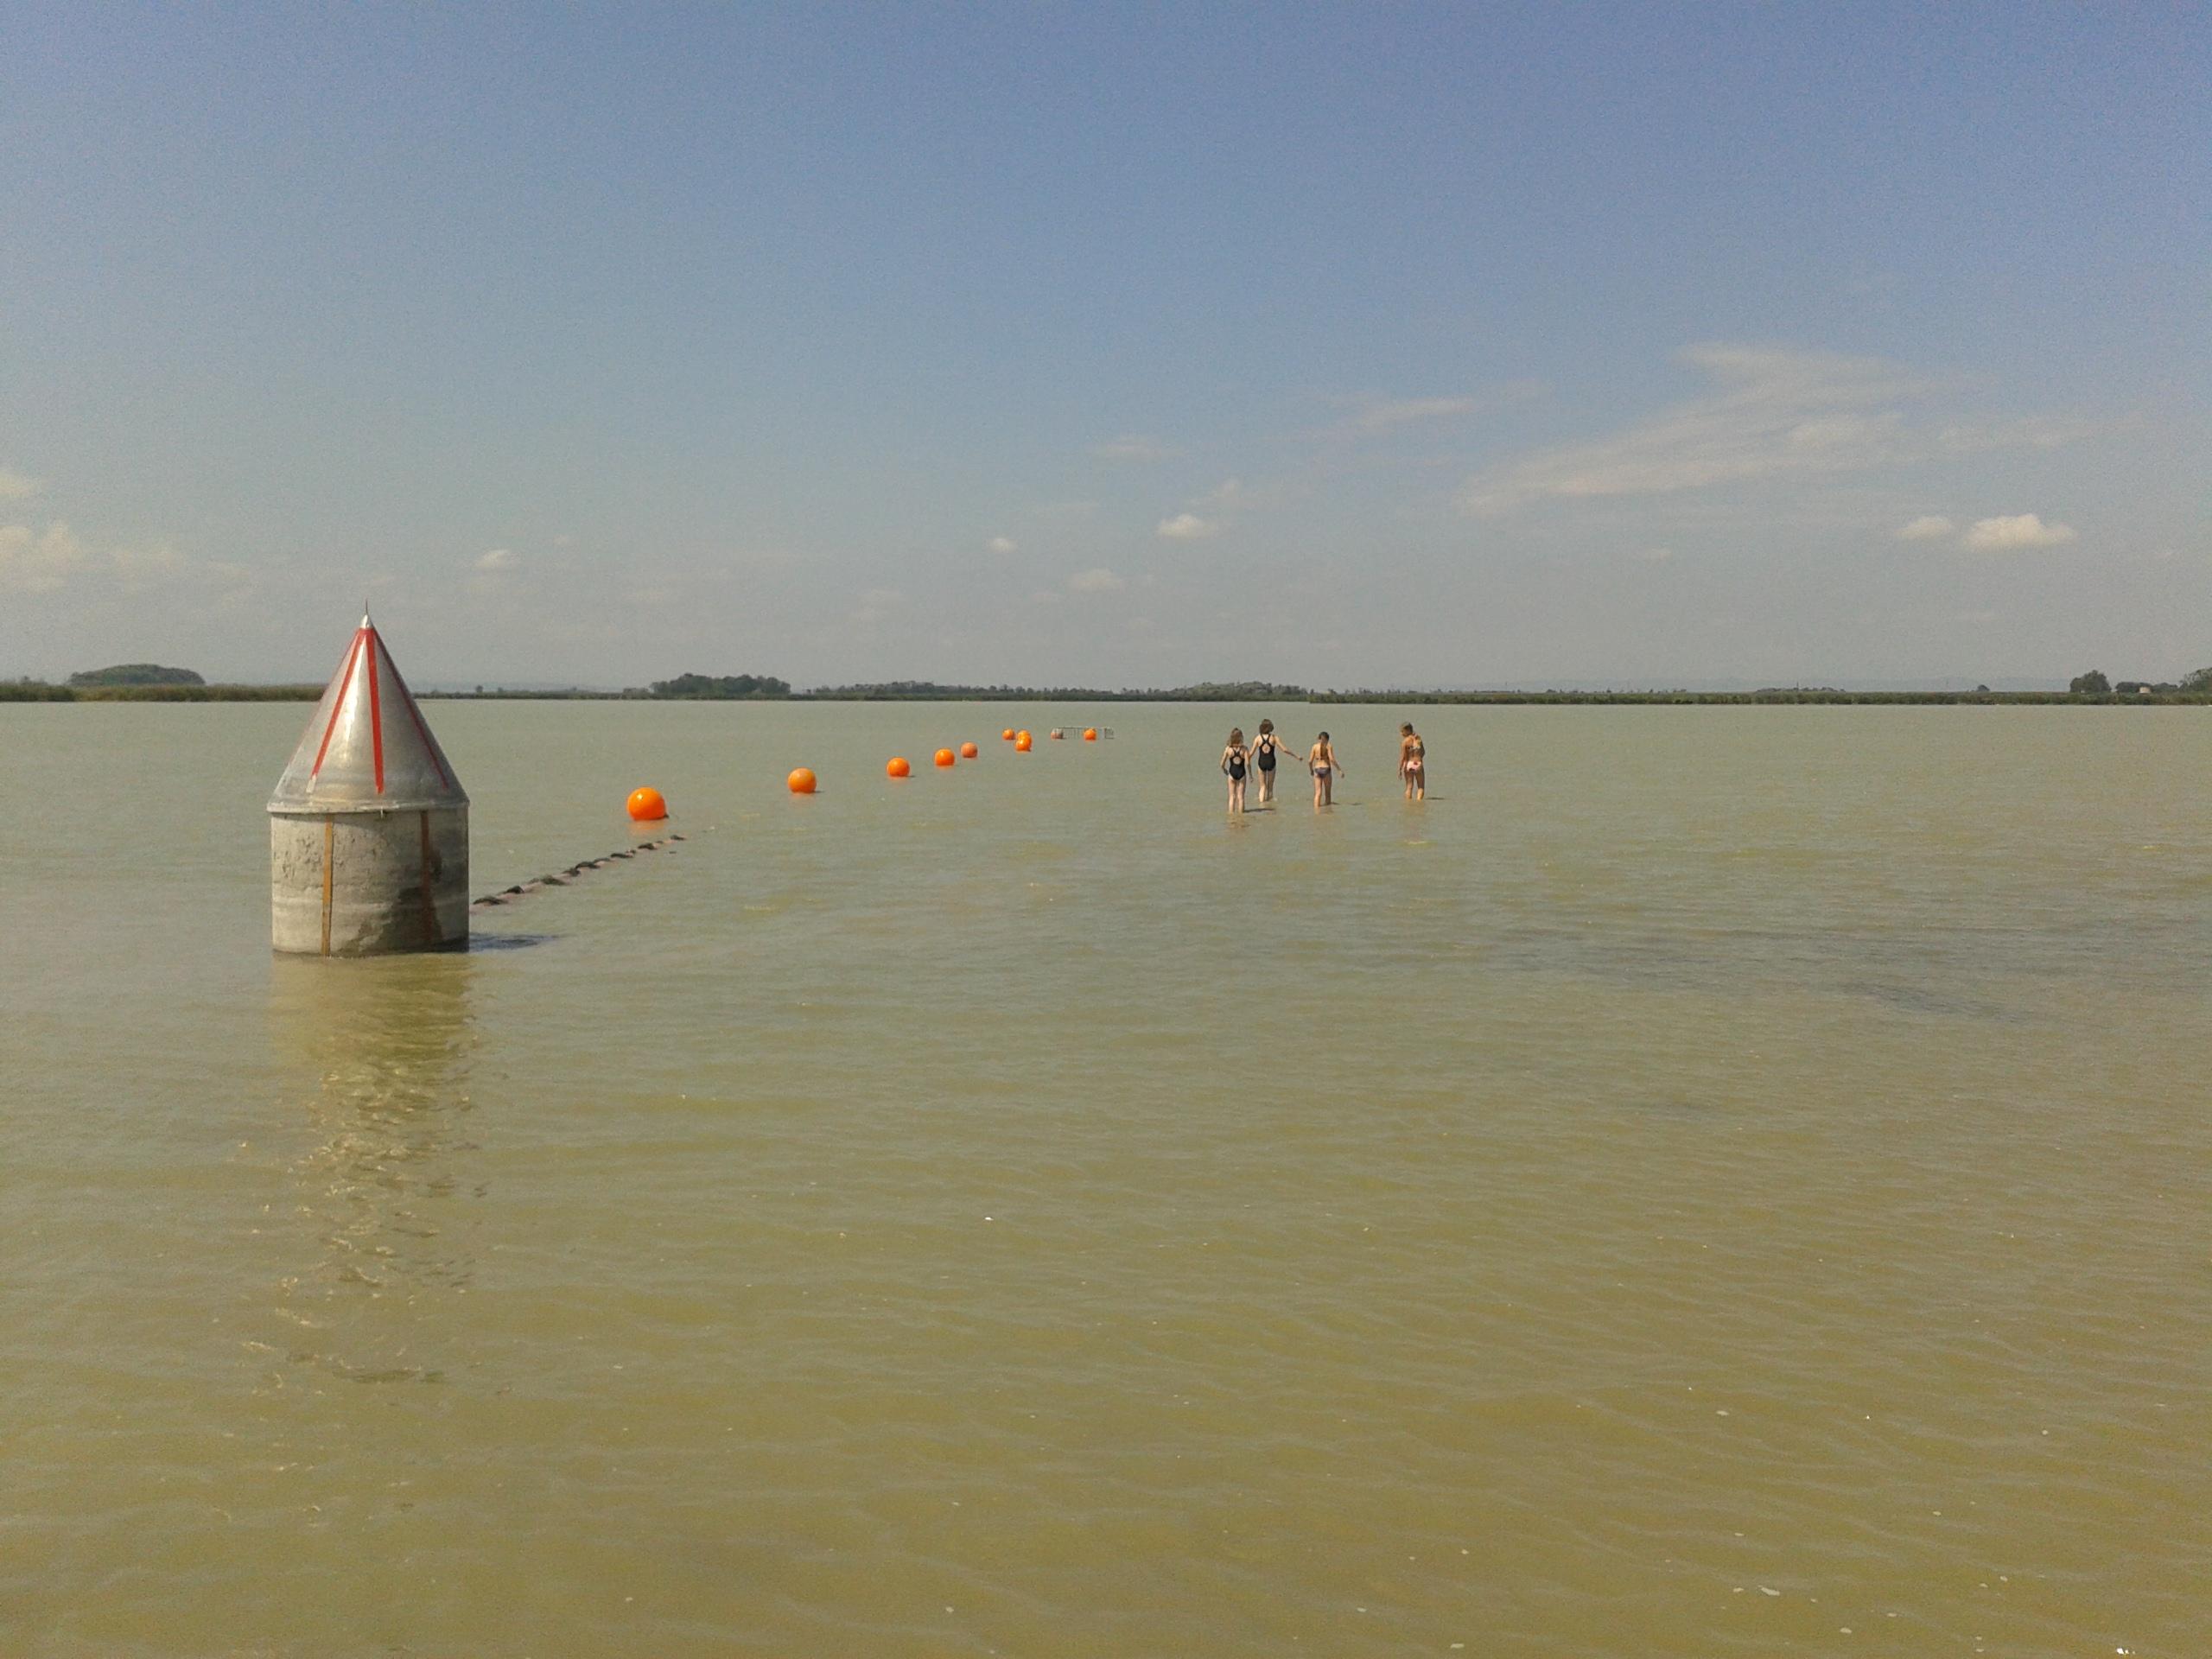 Zicksee – a csúszda a tó saját vizével működik